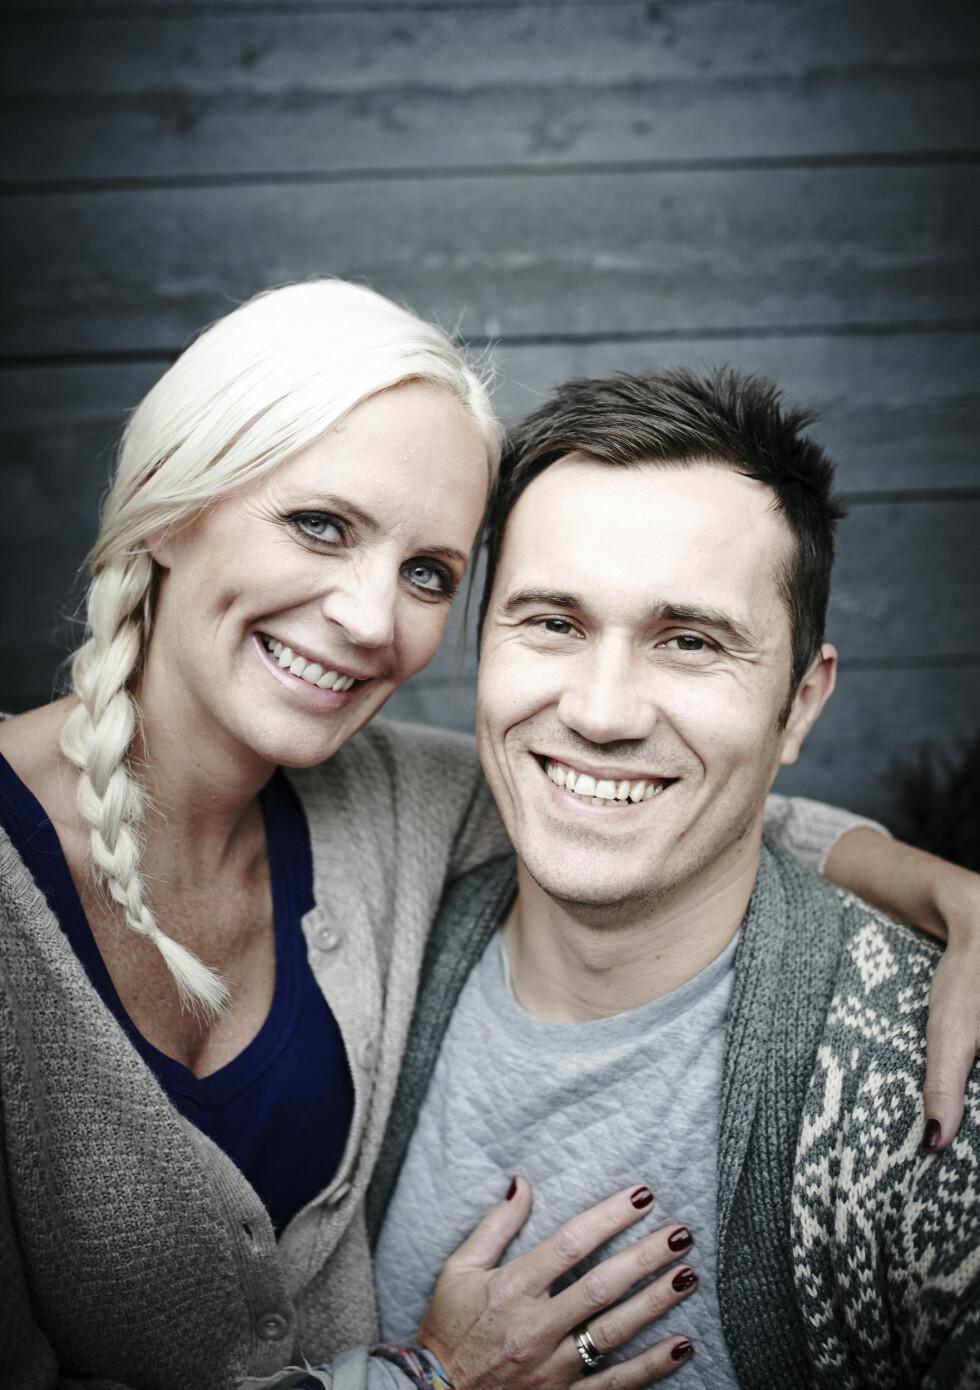 KRONISK SYK: Ingrid Anette Hoff Melkersen (34) lever med kronisk betennelse i tarmsystemet og har utlagt tarm. Gjennom 17 år har Daniel (36) alltid vært der for henne. Foto: Geir Dokken